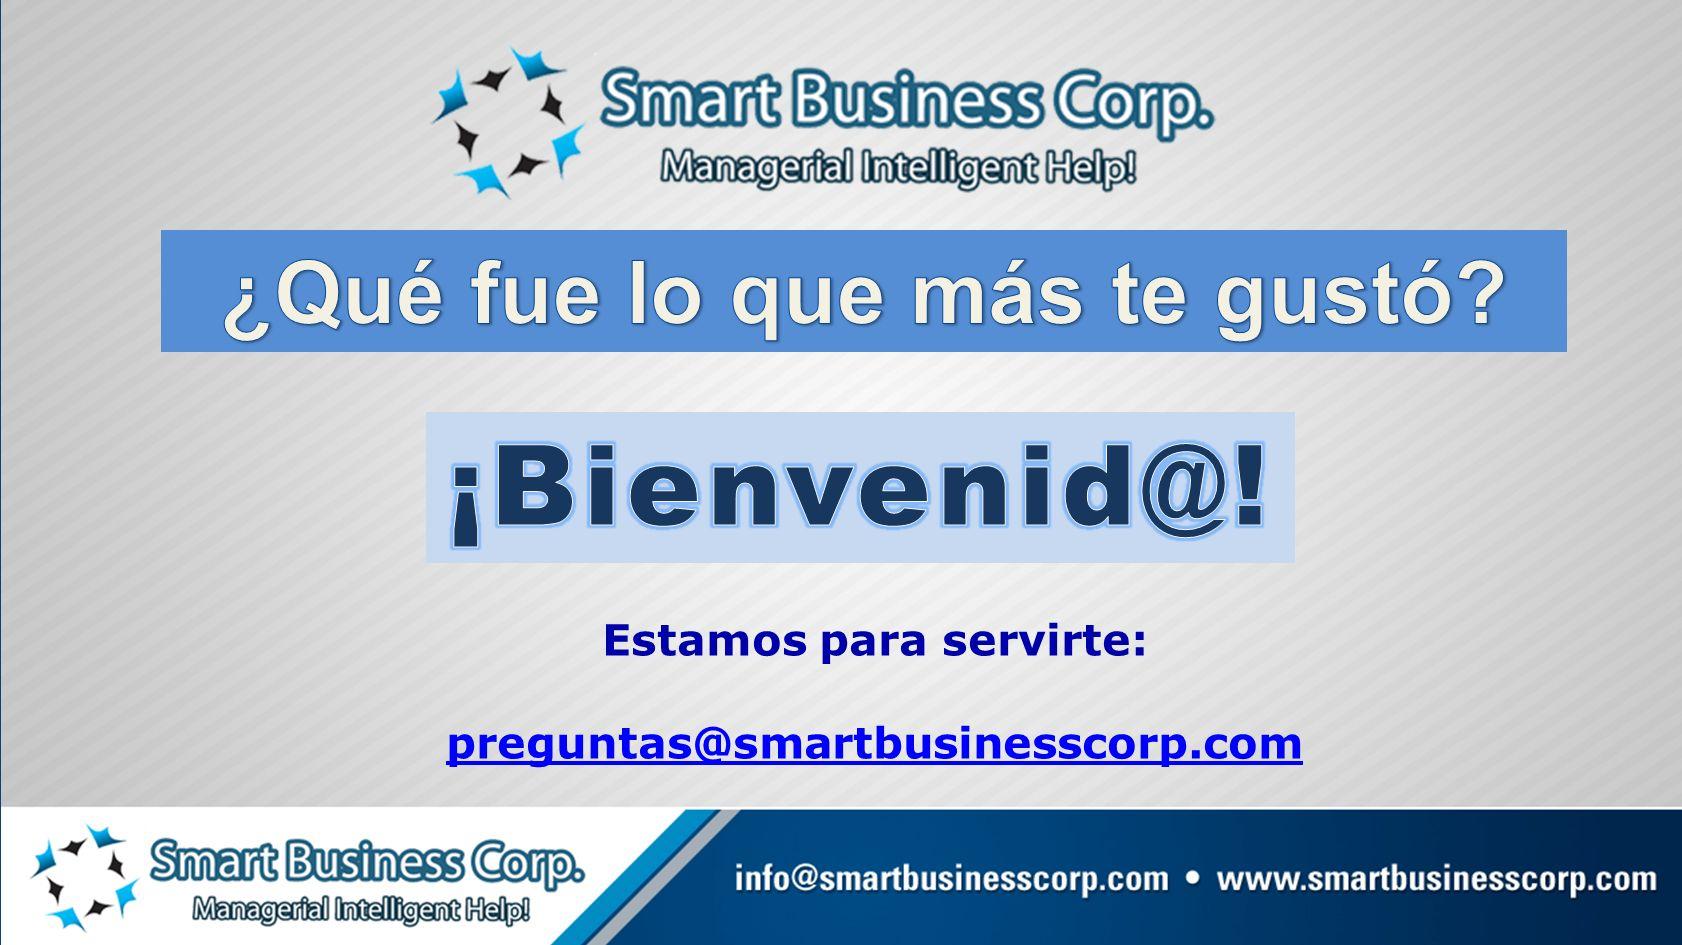 Estamos para servirte: preguntas@smartbusinesscorp.com